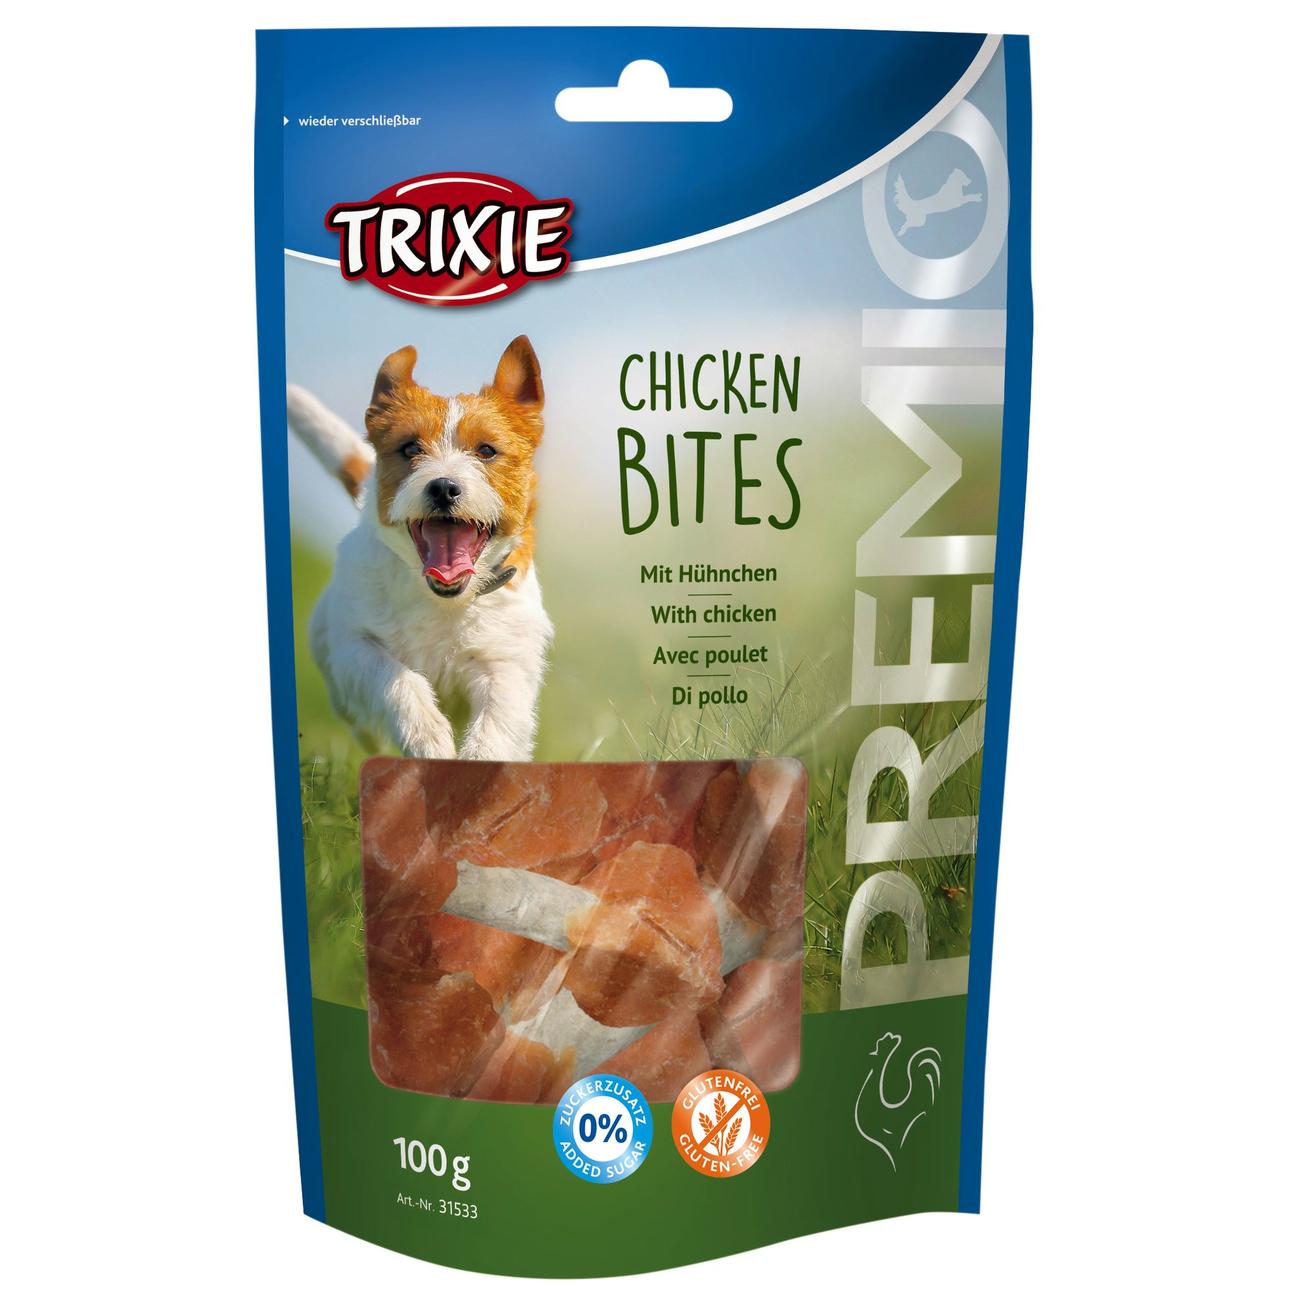 Trixie Premio Chicken Bites für Hunde 31533